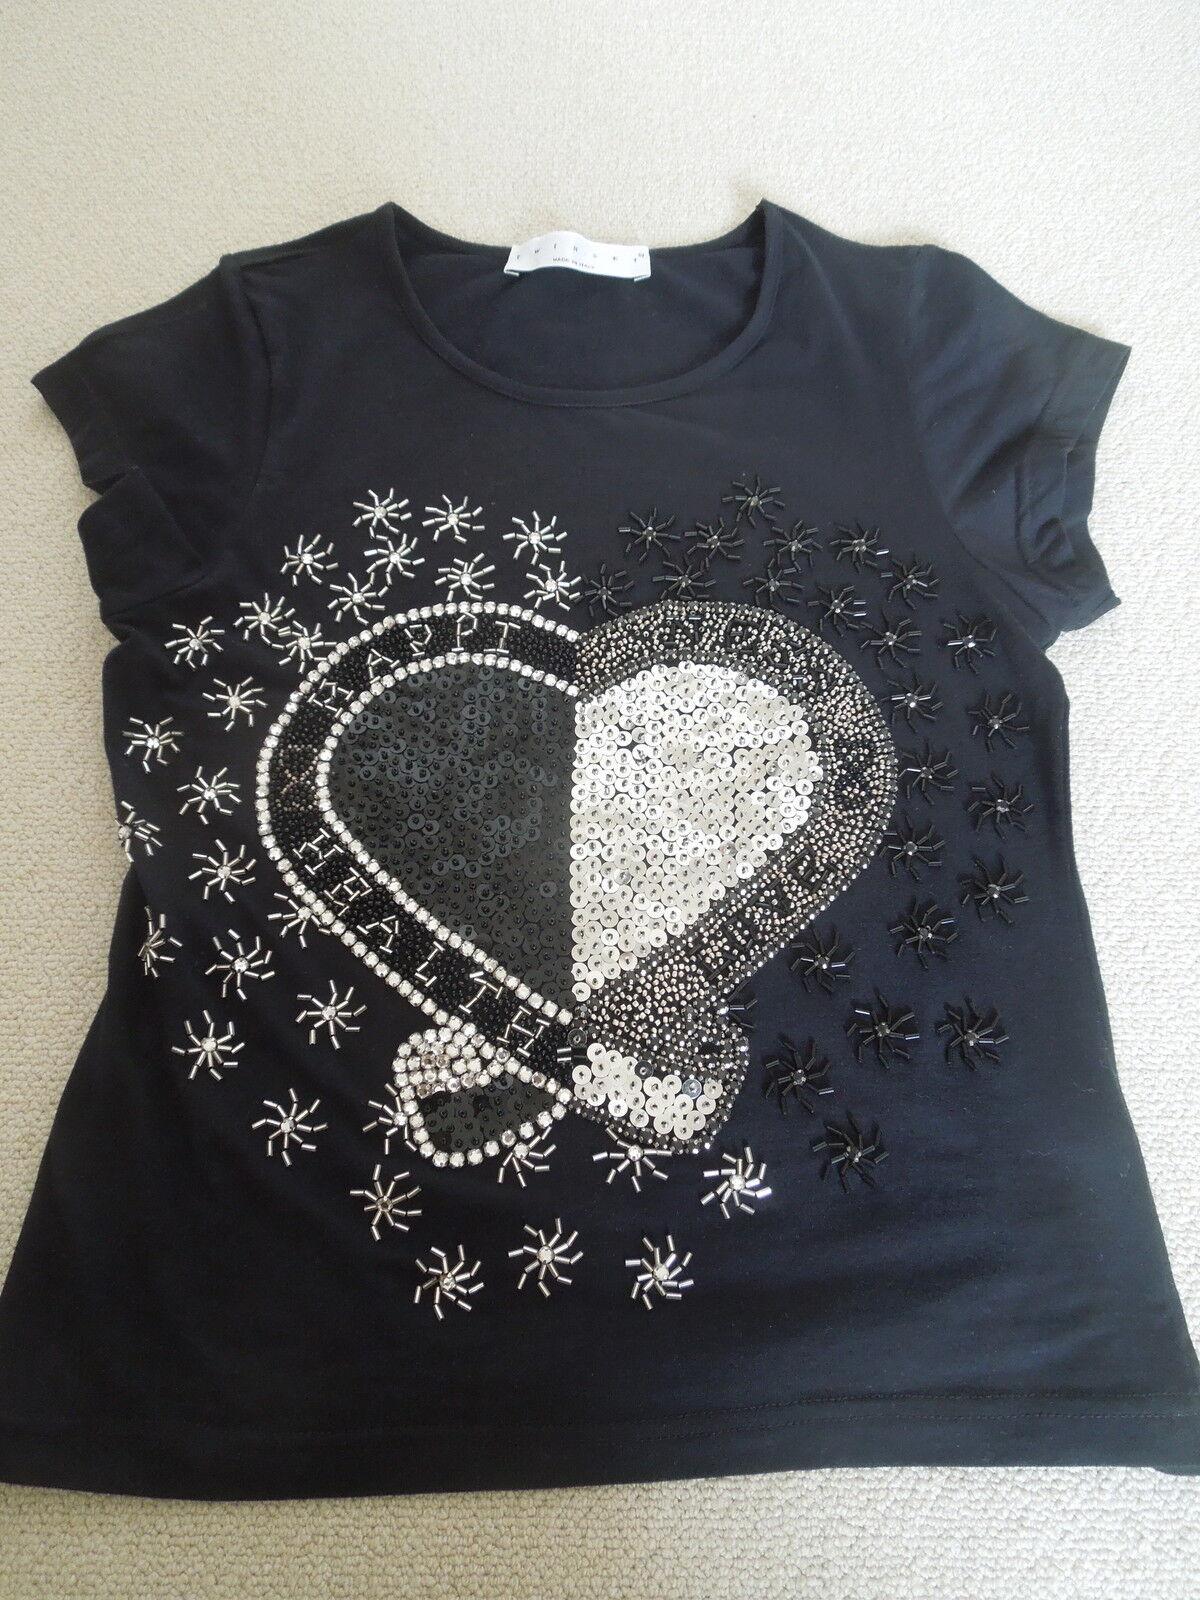 TWIN-SET Simona Barbieri Shirt - schwarz - Pailetten Herz - festlich  - Neu